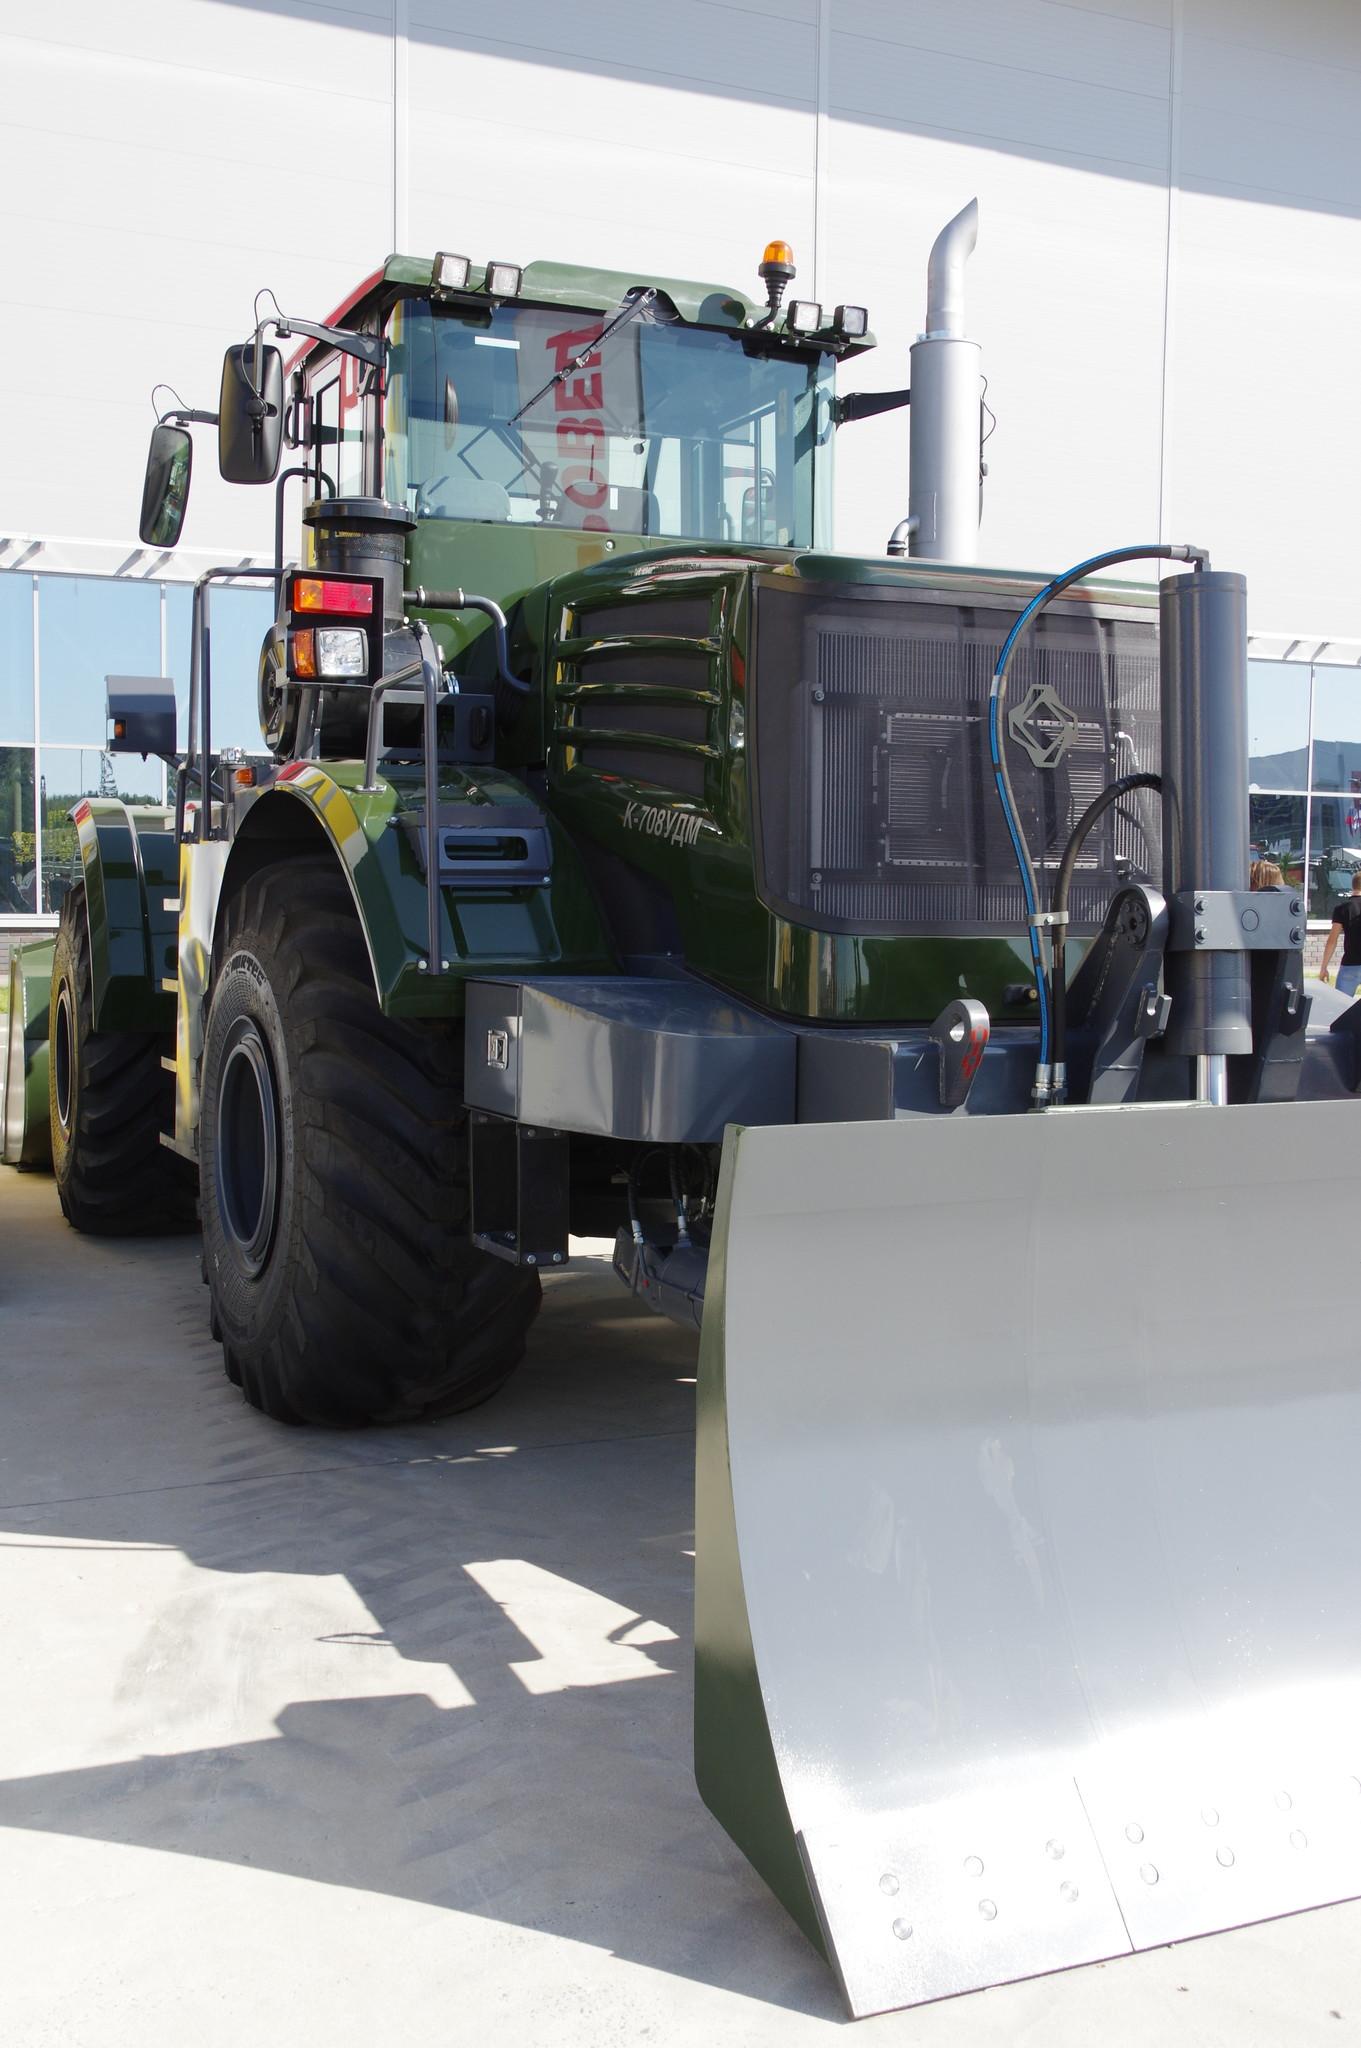 Фронтальный колёсный погрузчик с бульдозерным оборудованием Кировец К-708УДМ